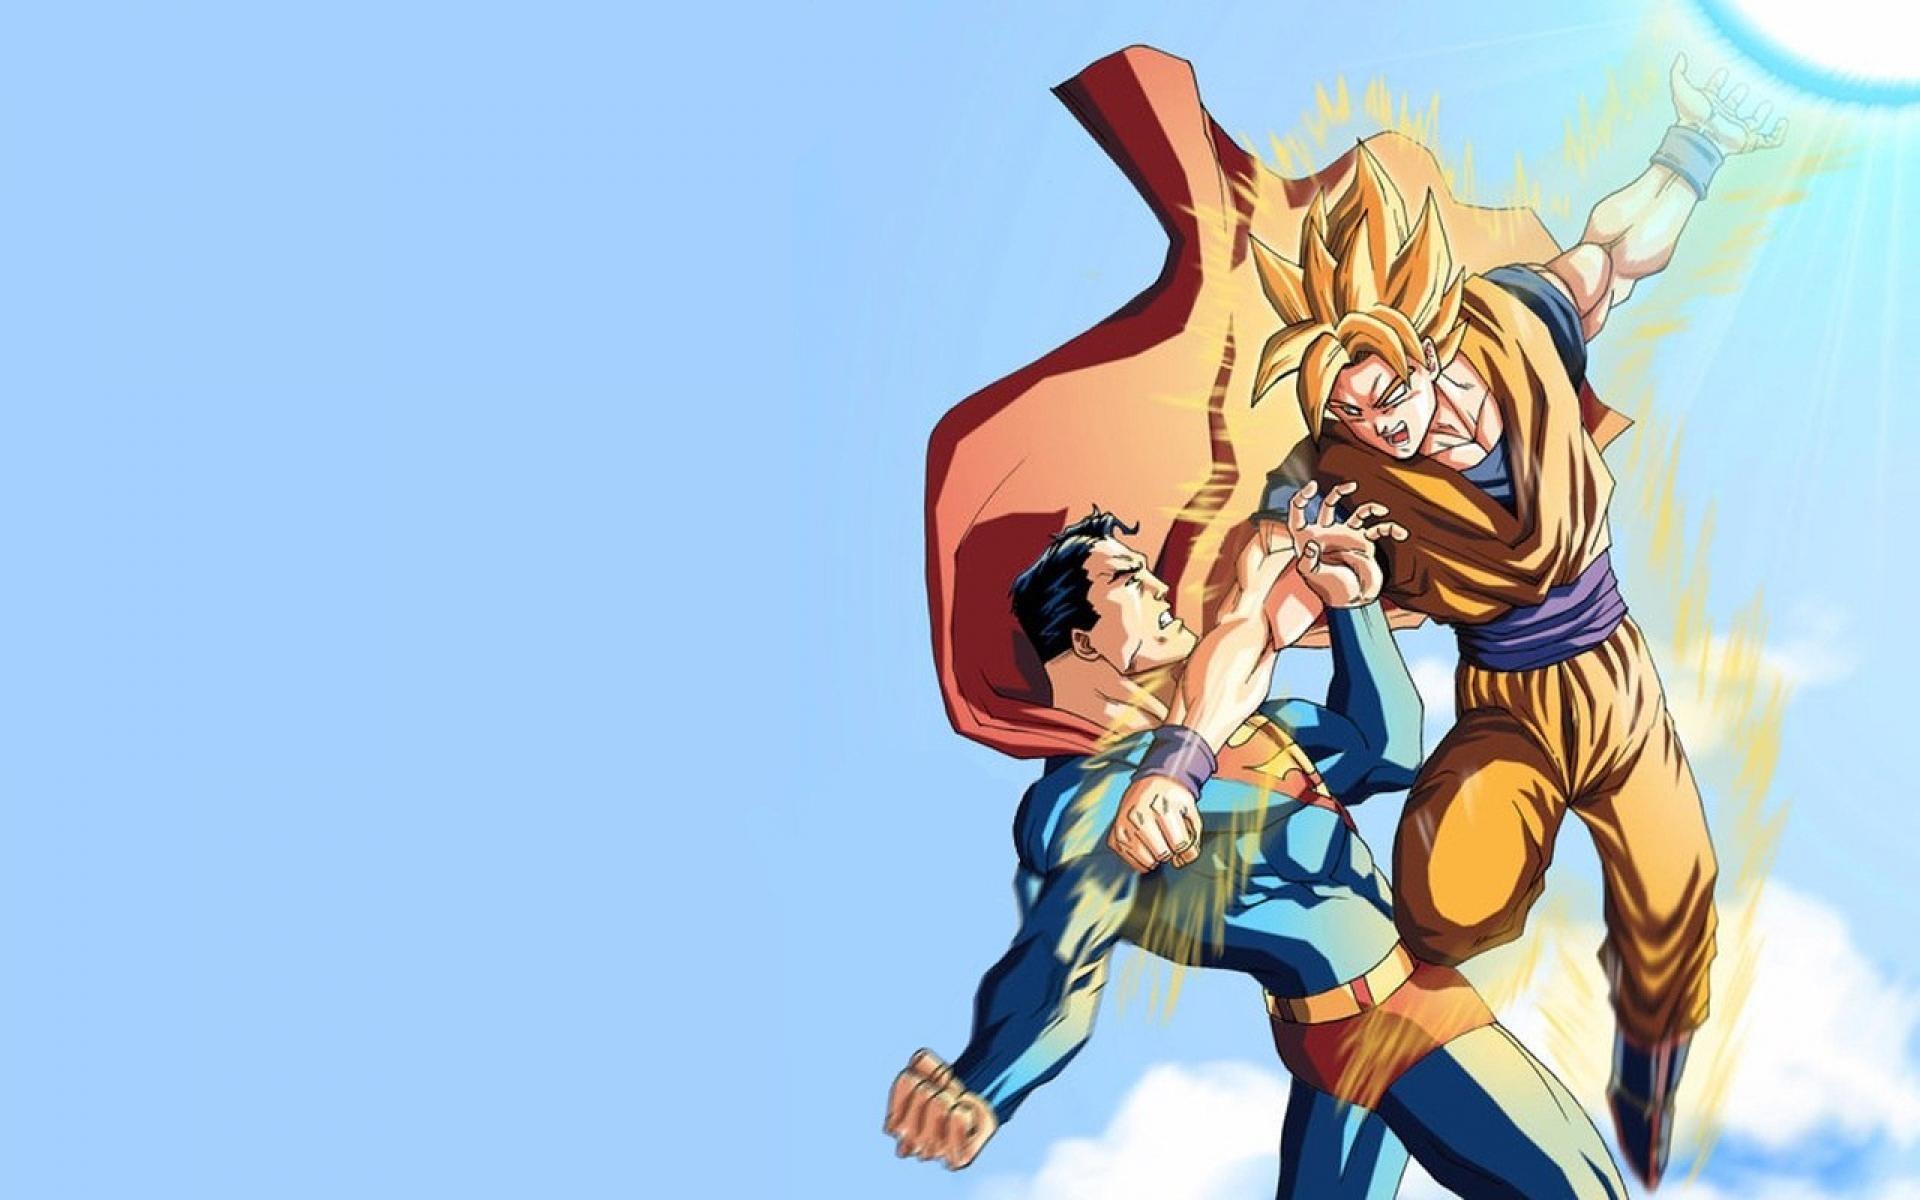 Goku Super Saiyan God Vs Superman · Goku Wallpapers